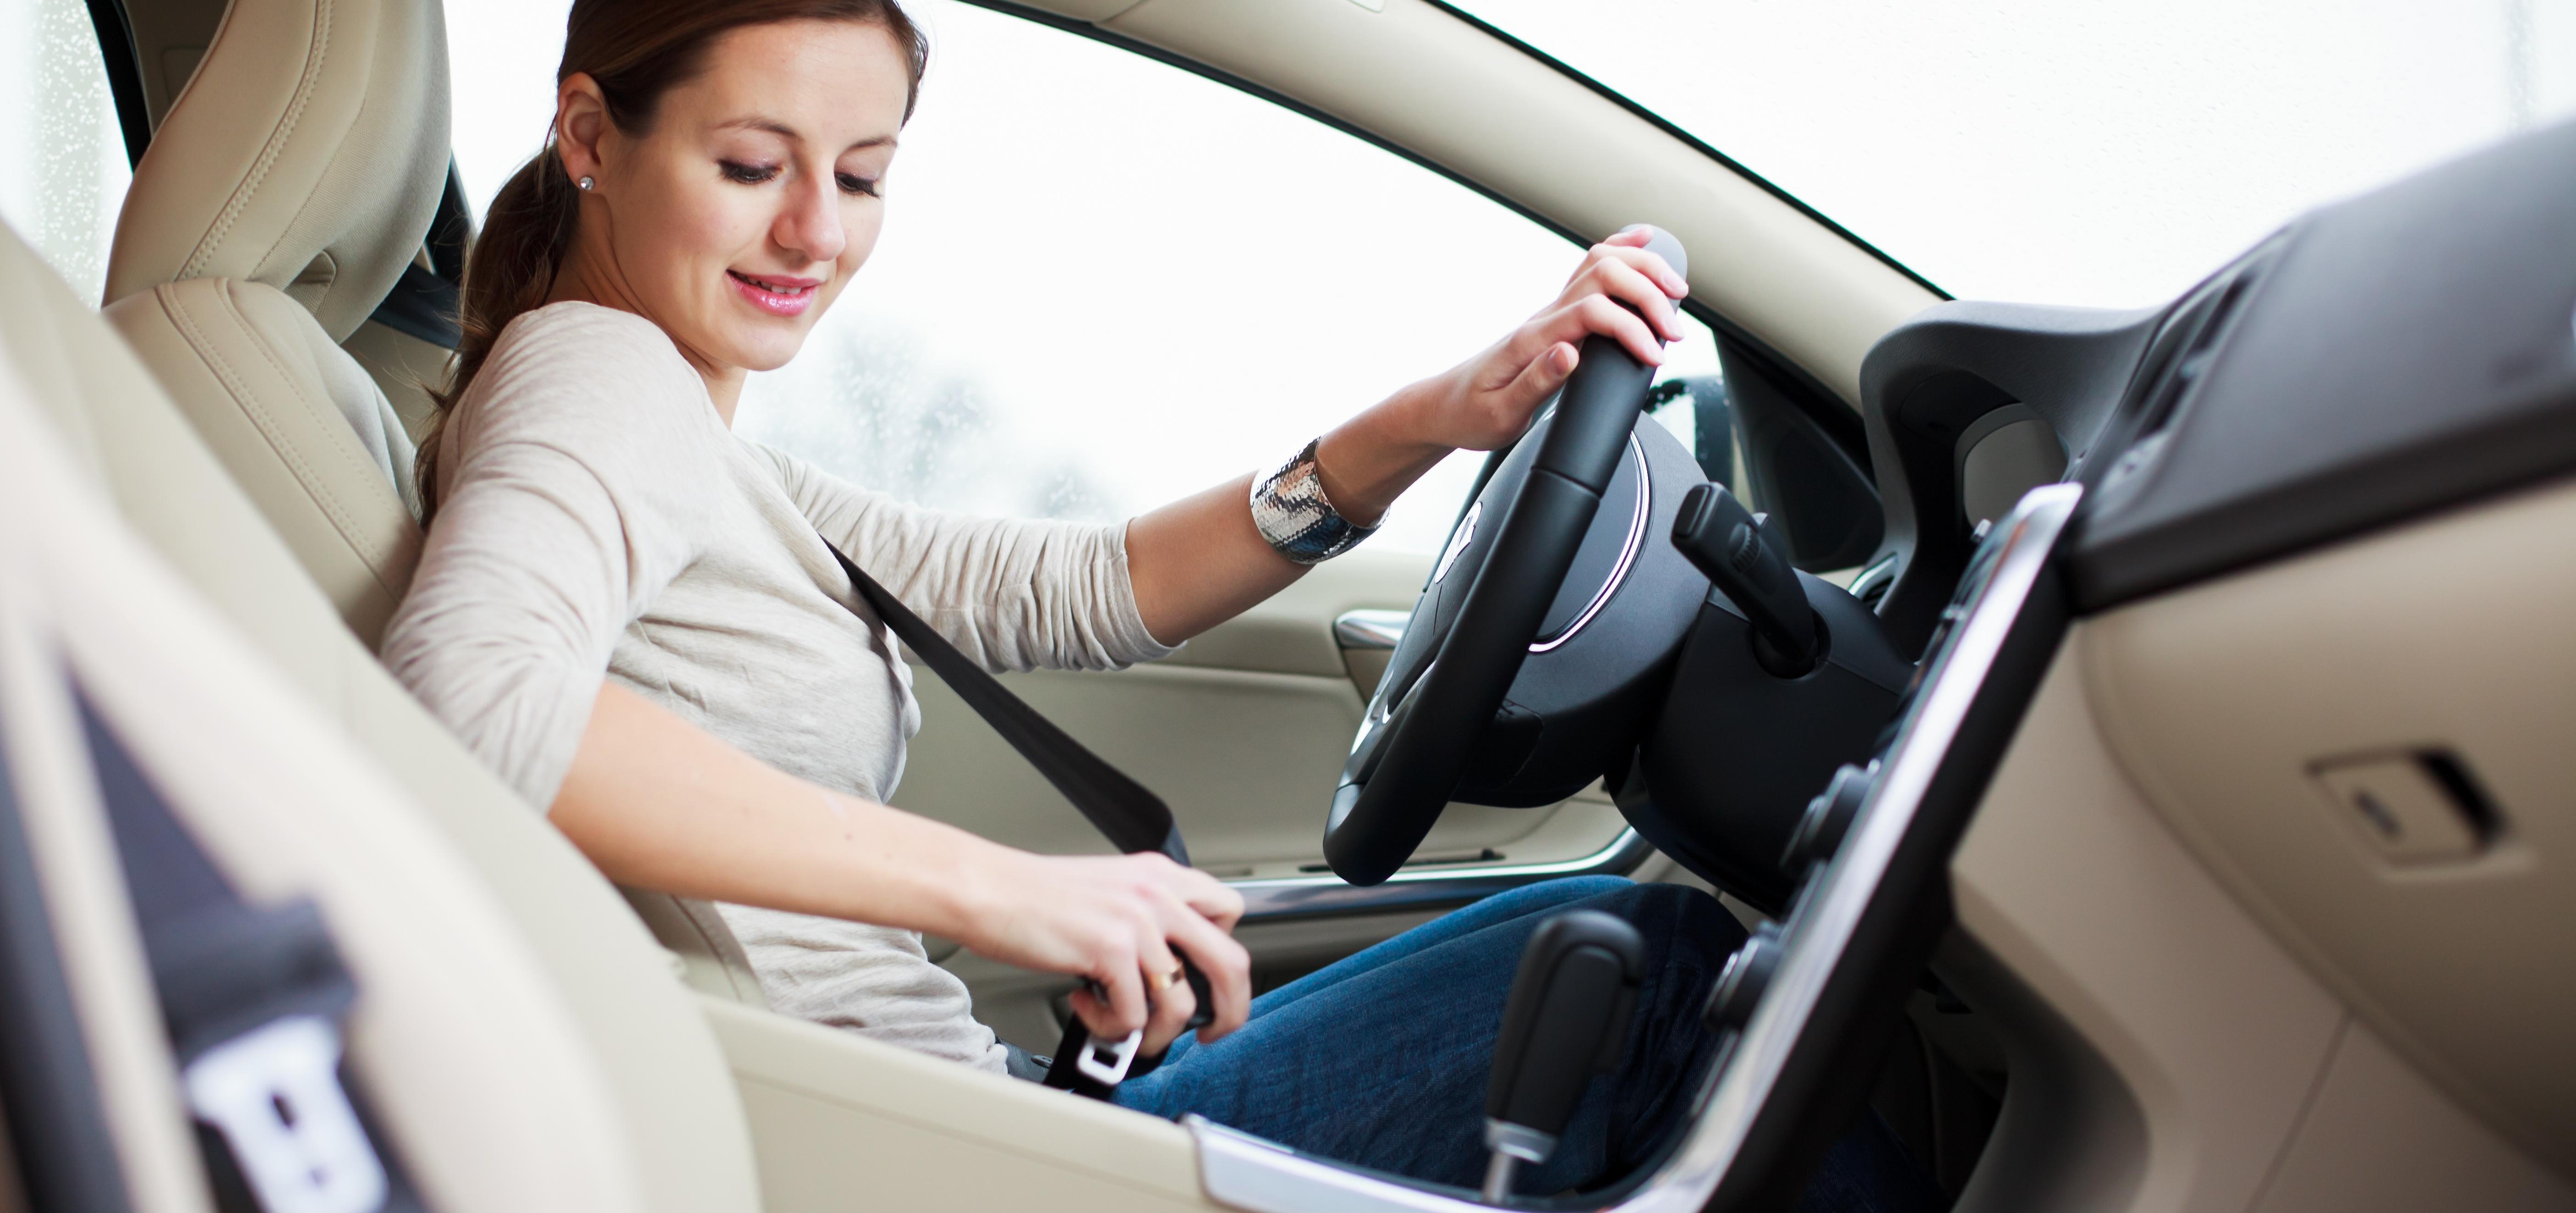 Проблемы женщин за рулем